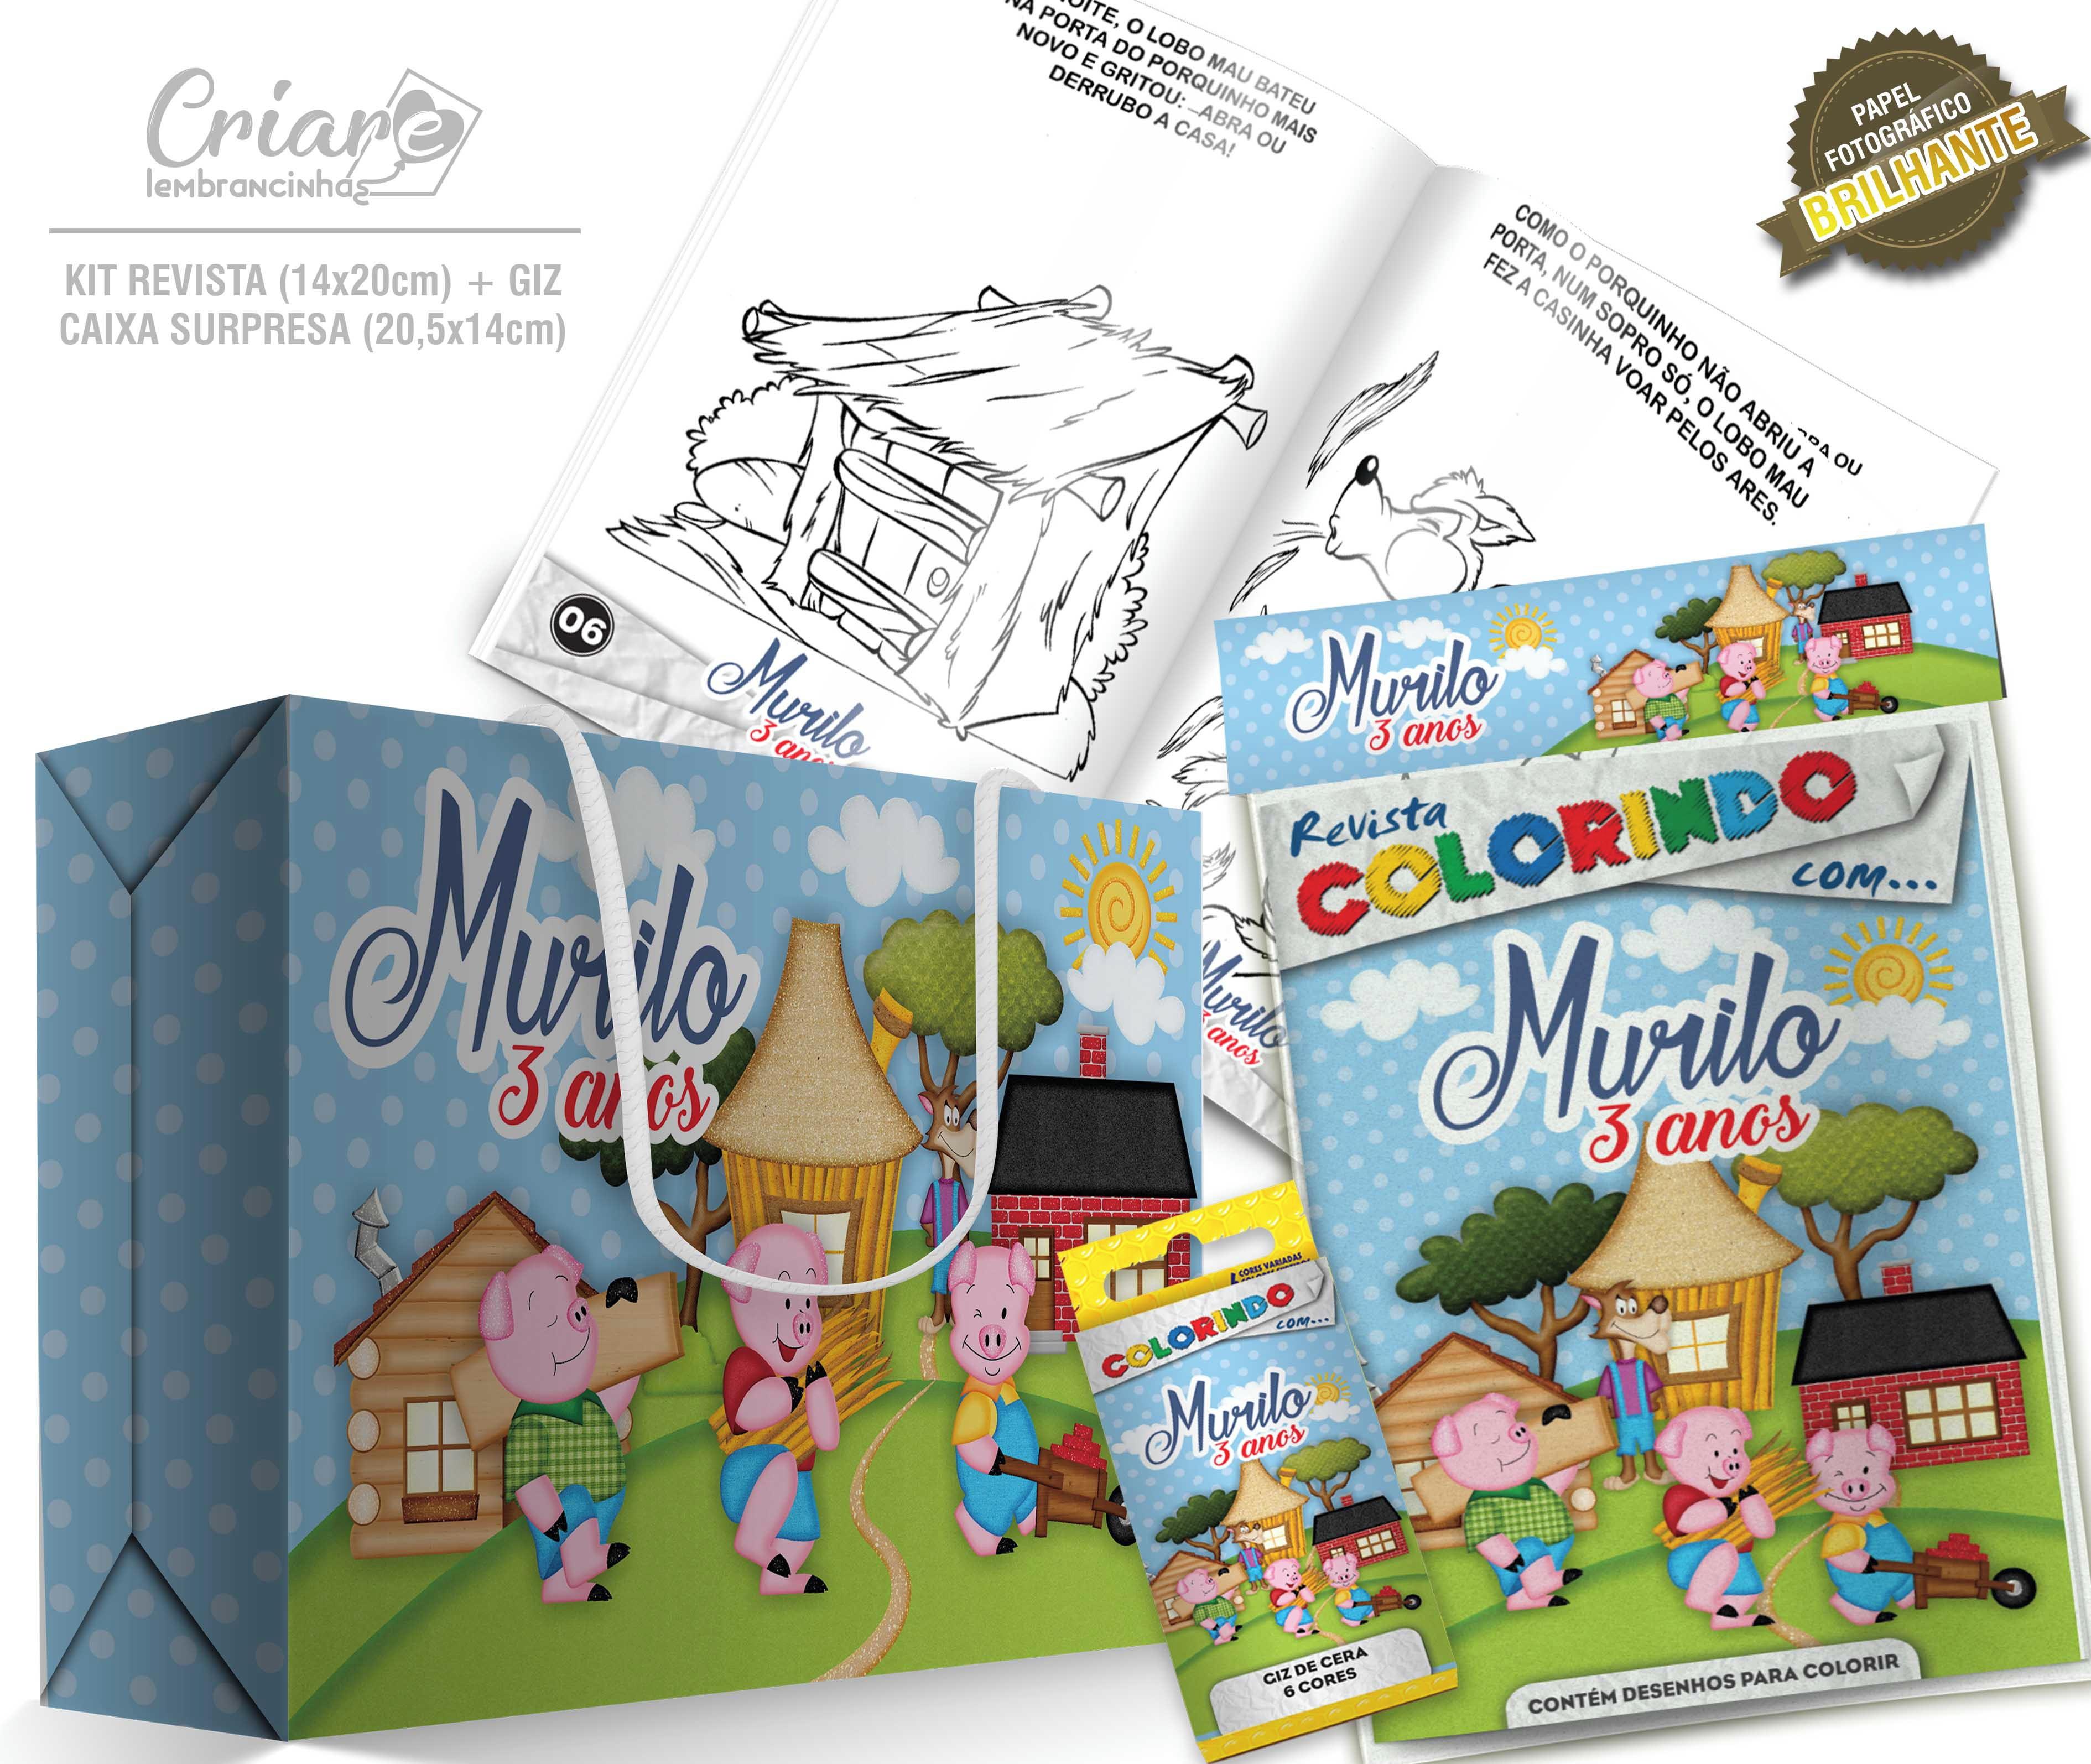 Caixa Surpresa Kit De Colorir Os Tres Porquinhos No Elo7